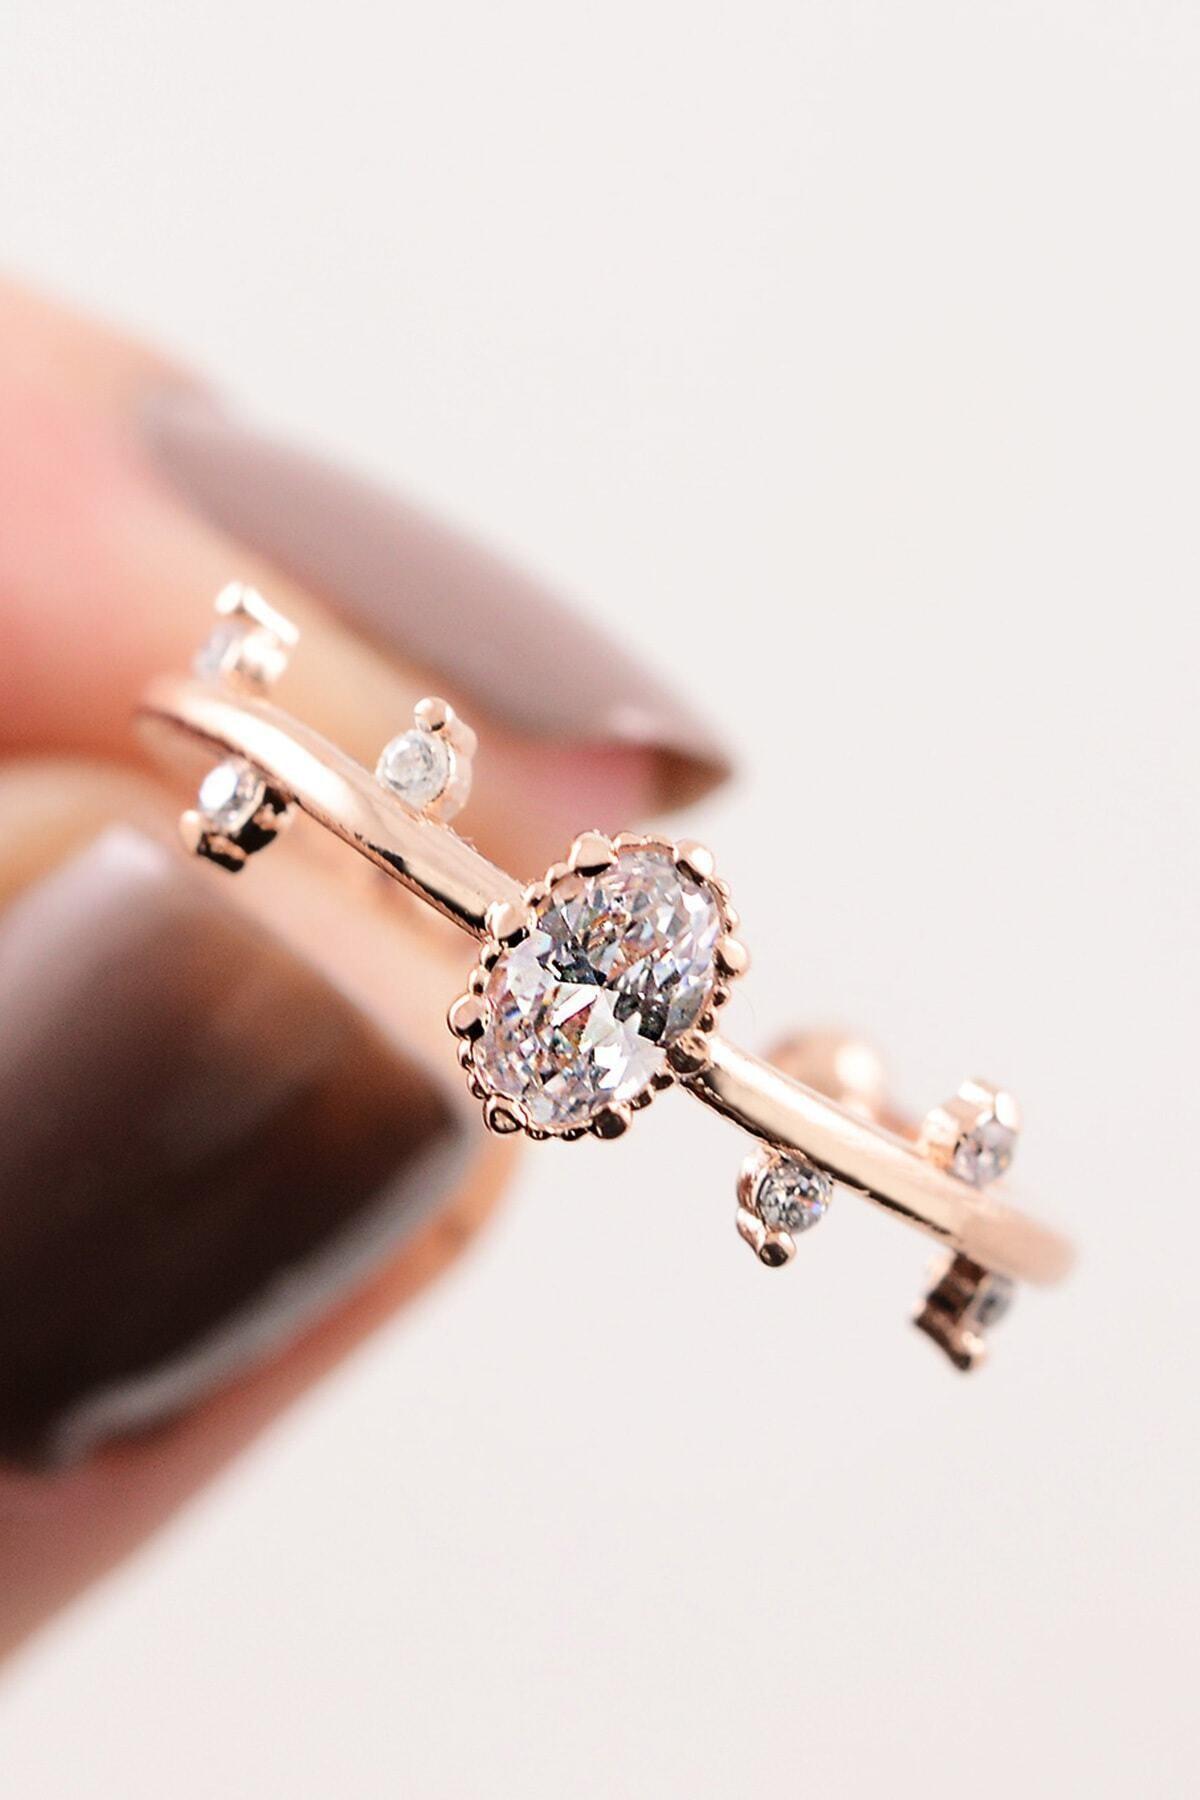 LOTUS GÜMÜŞ 14k Rose Gold Iskandinavya Evlilik Yüzüğü Ayarlanabilir Ölçü 1